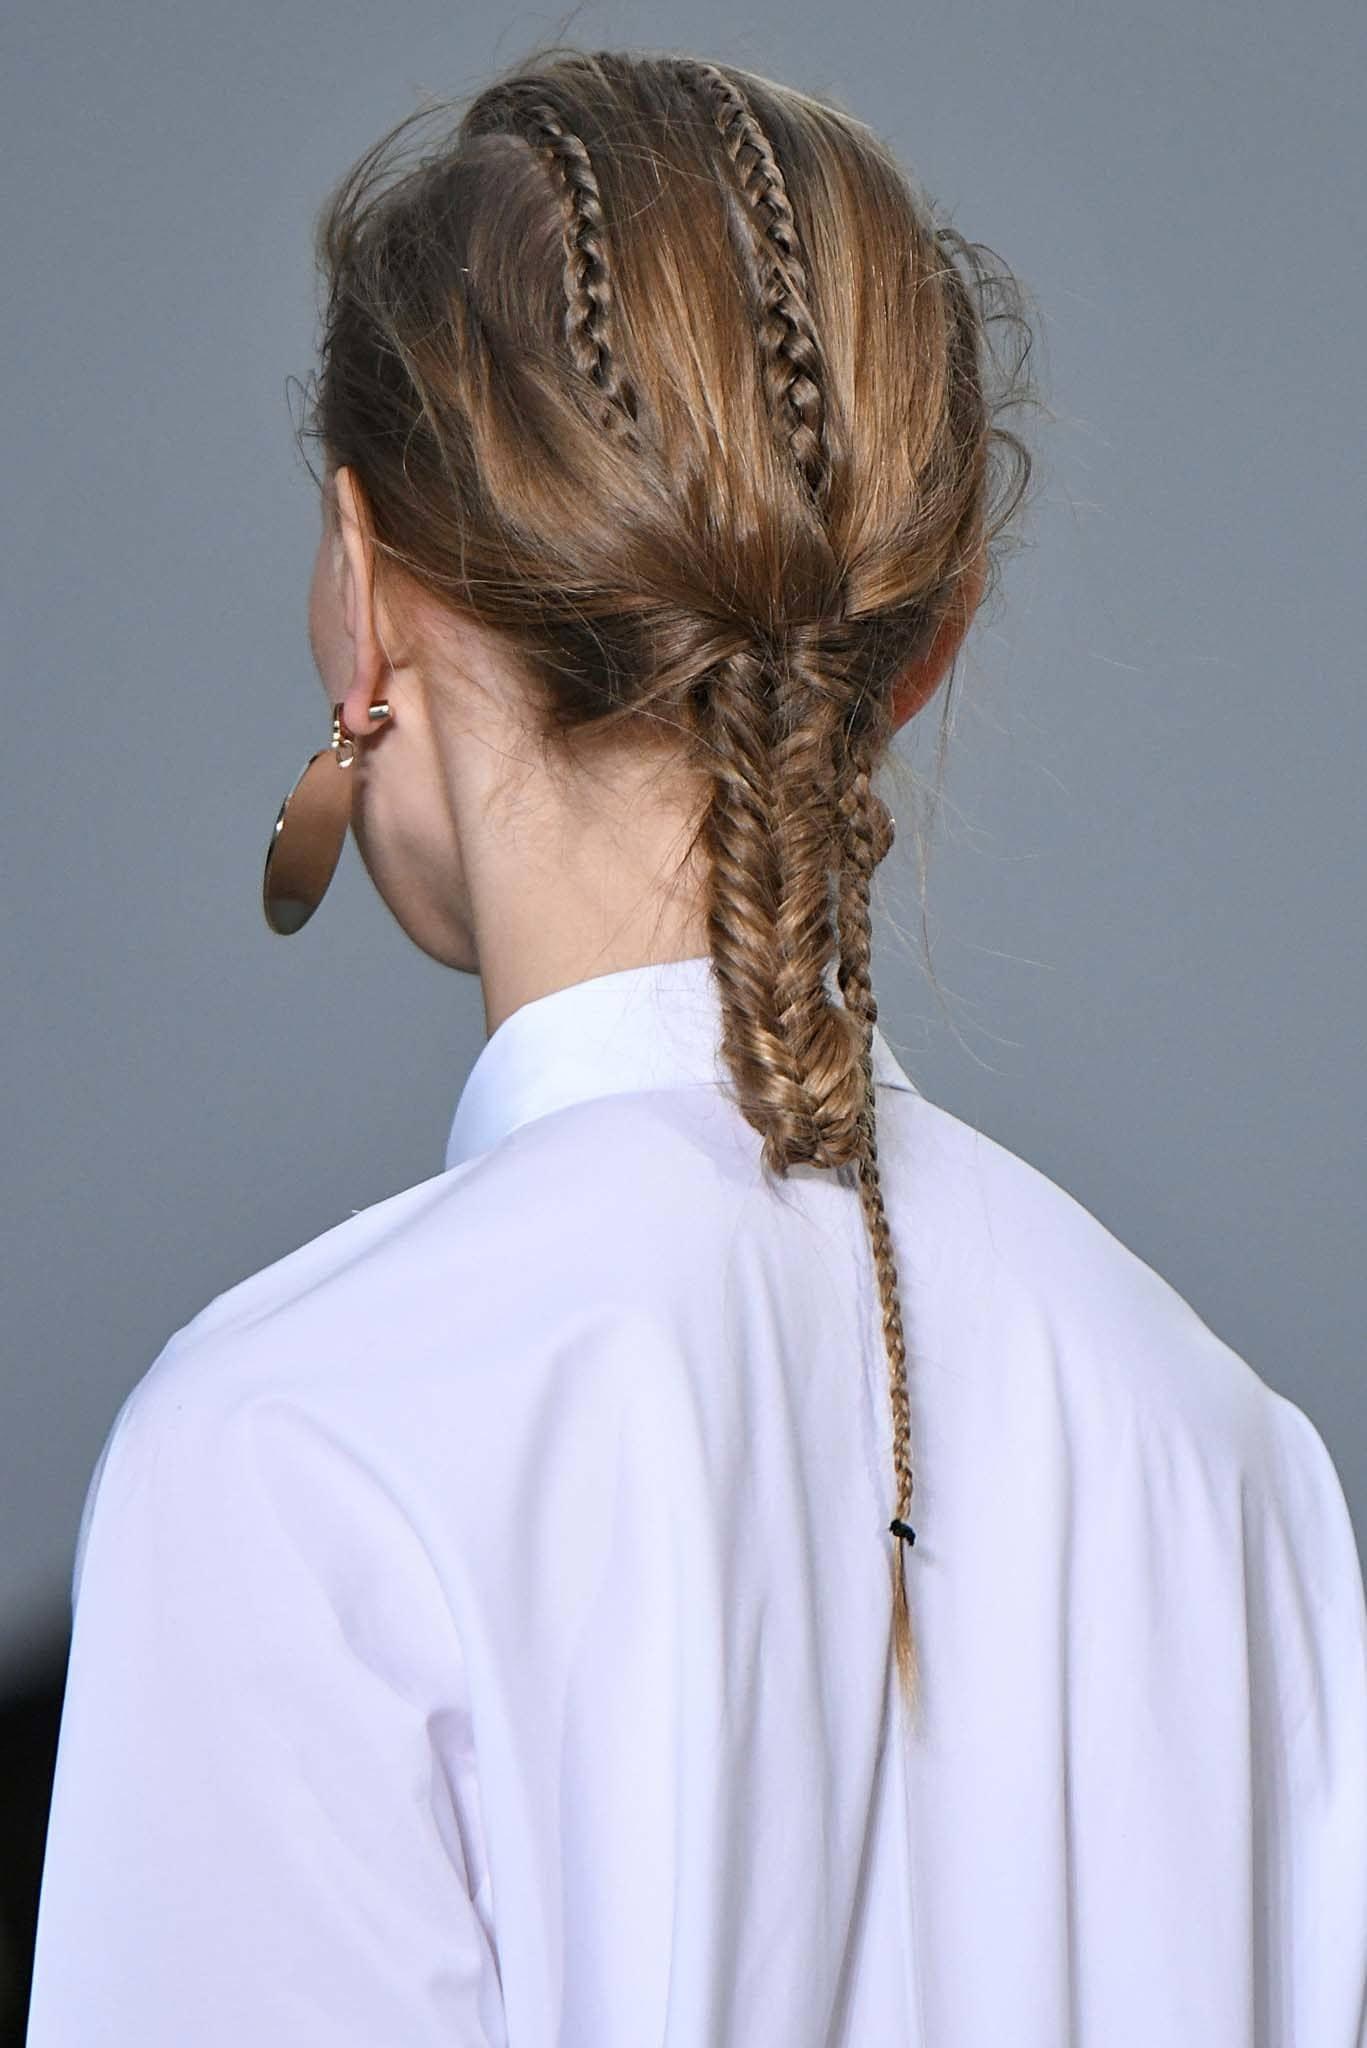 Vista de atrás de mujer castaña peinada con un recogido hecho con trenzas y cabello lacio